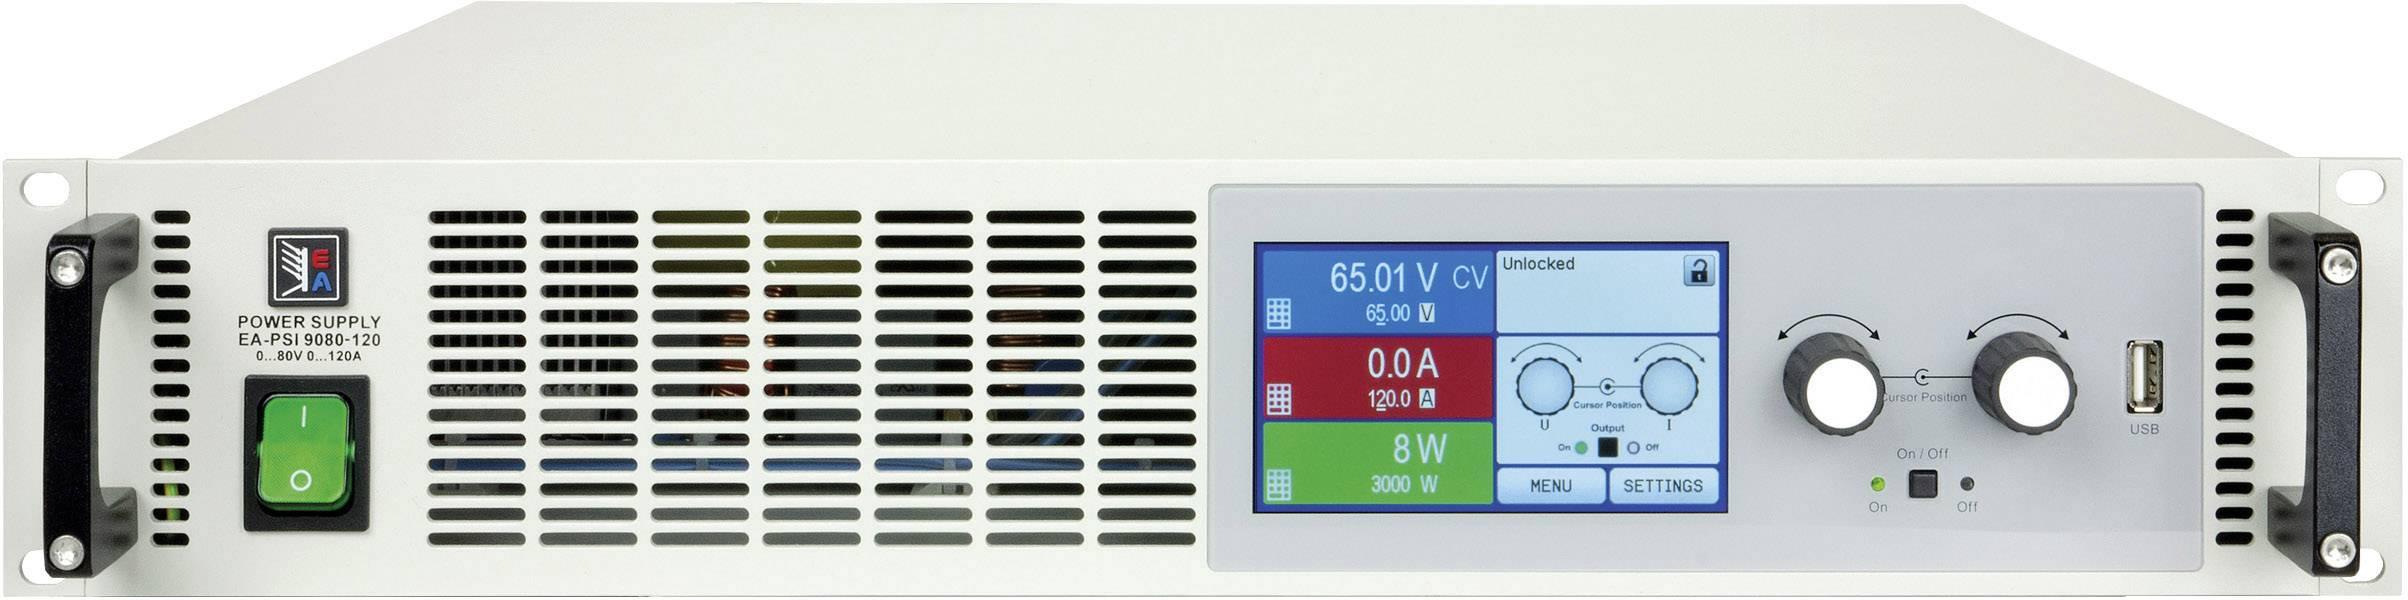 Programovateľný laboratórny zdroj EA EA-PSI 9040-120, 2U, 40 V, 120 A, 3000 W, USB